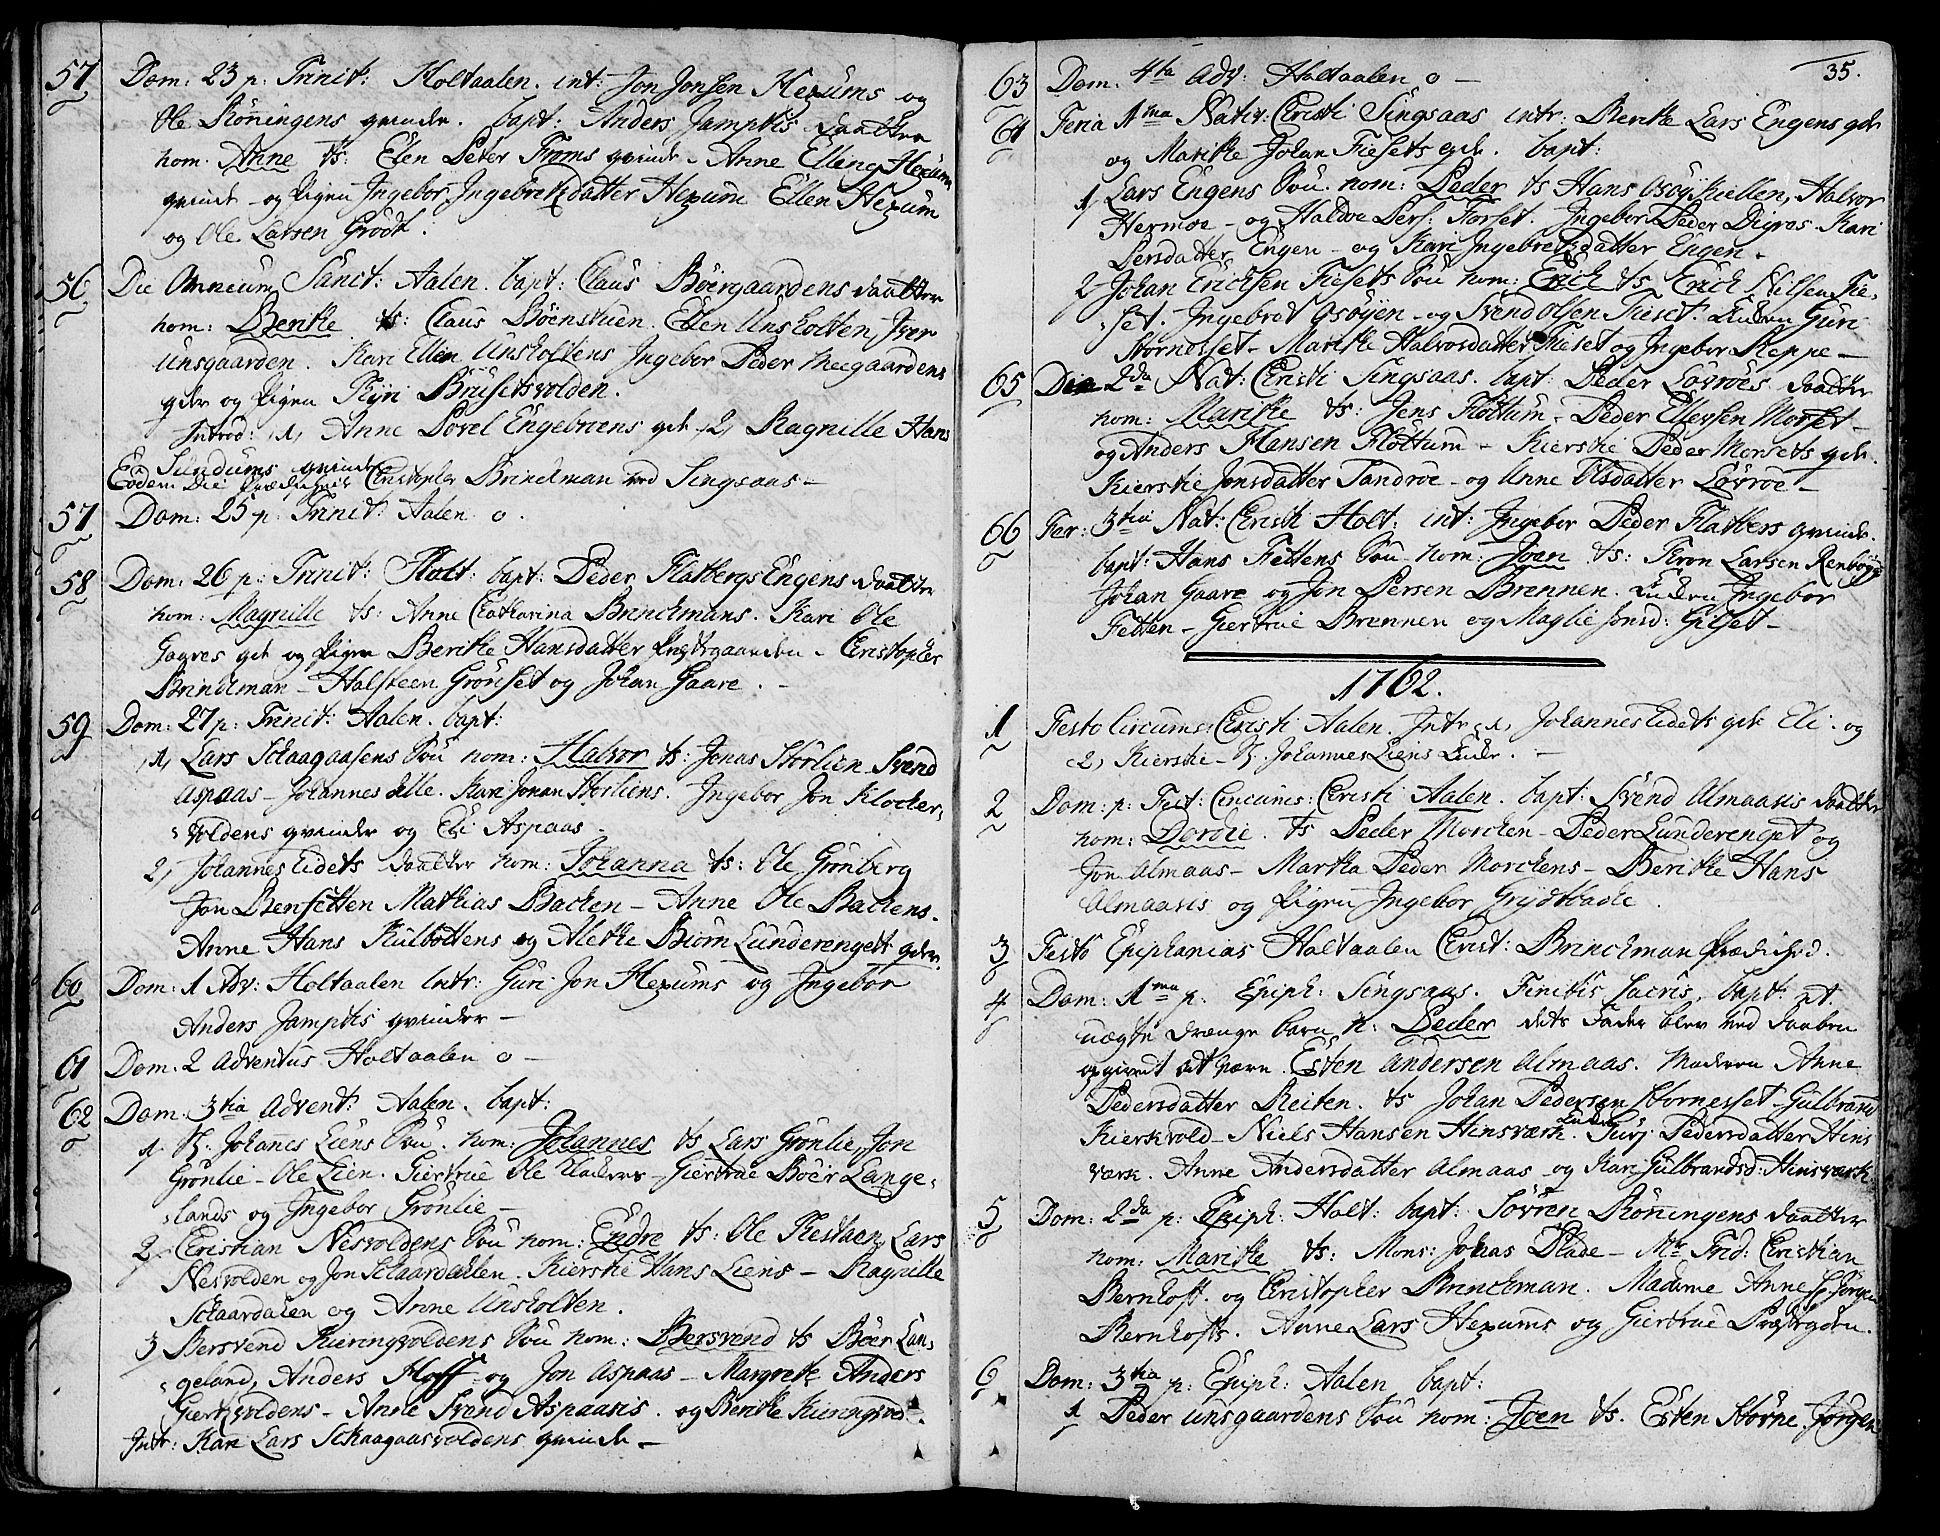 SAT, Ministerialprotokoller, klokkerbøker og fødselsregistre - Sør-Trøndelag, 685/L0952: Ministerialbok nr. 685A01, 1745-1804, s. 35